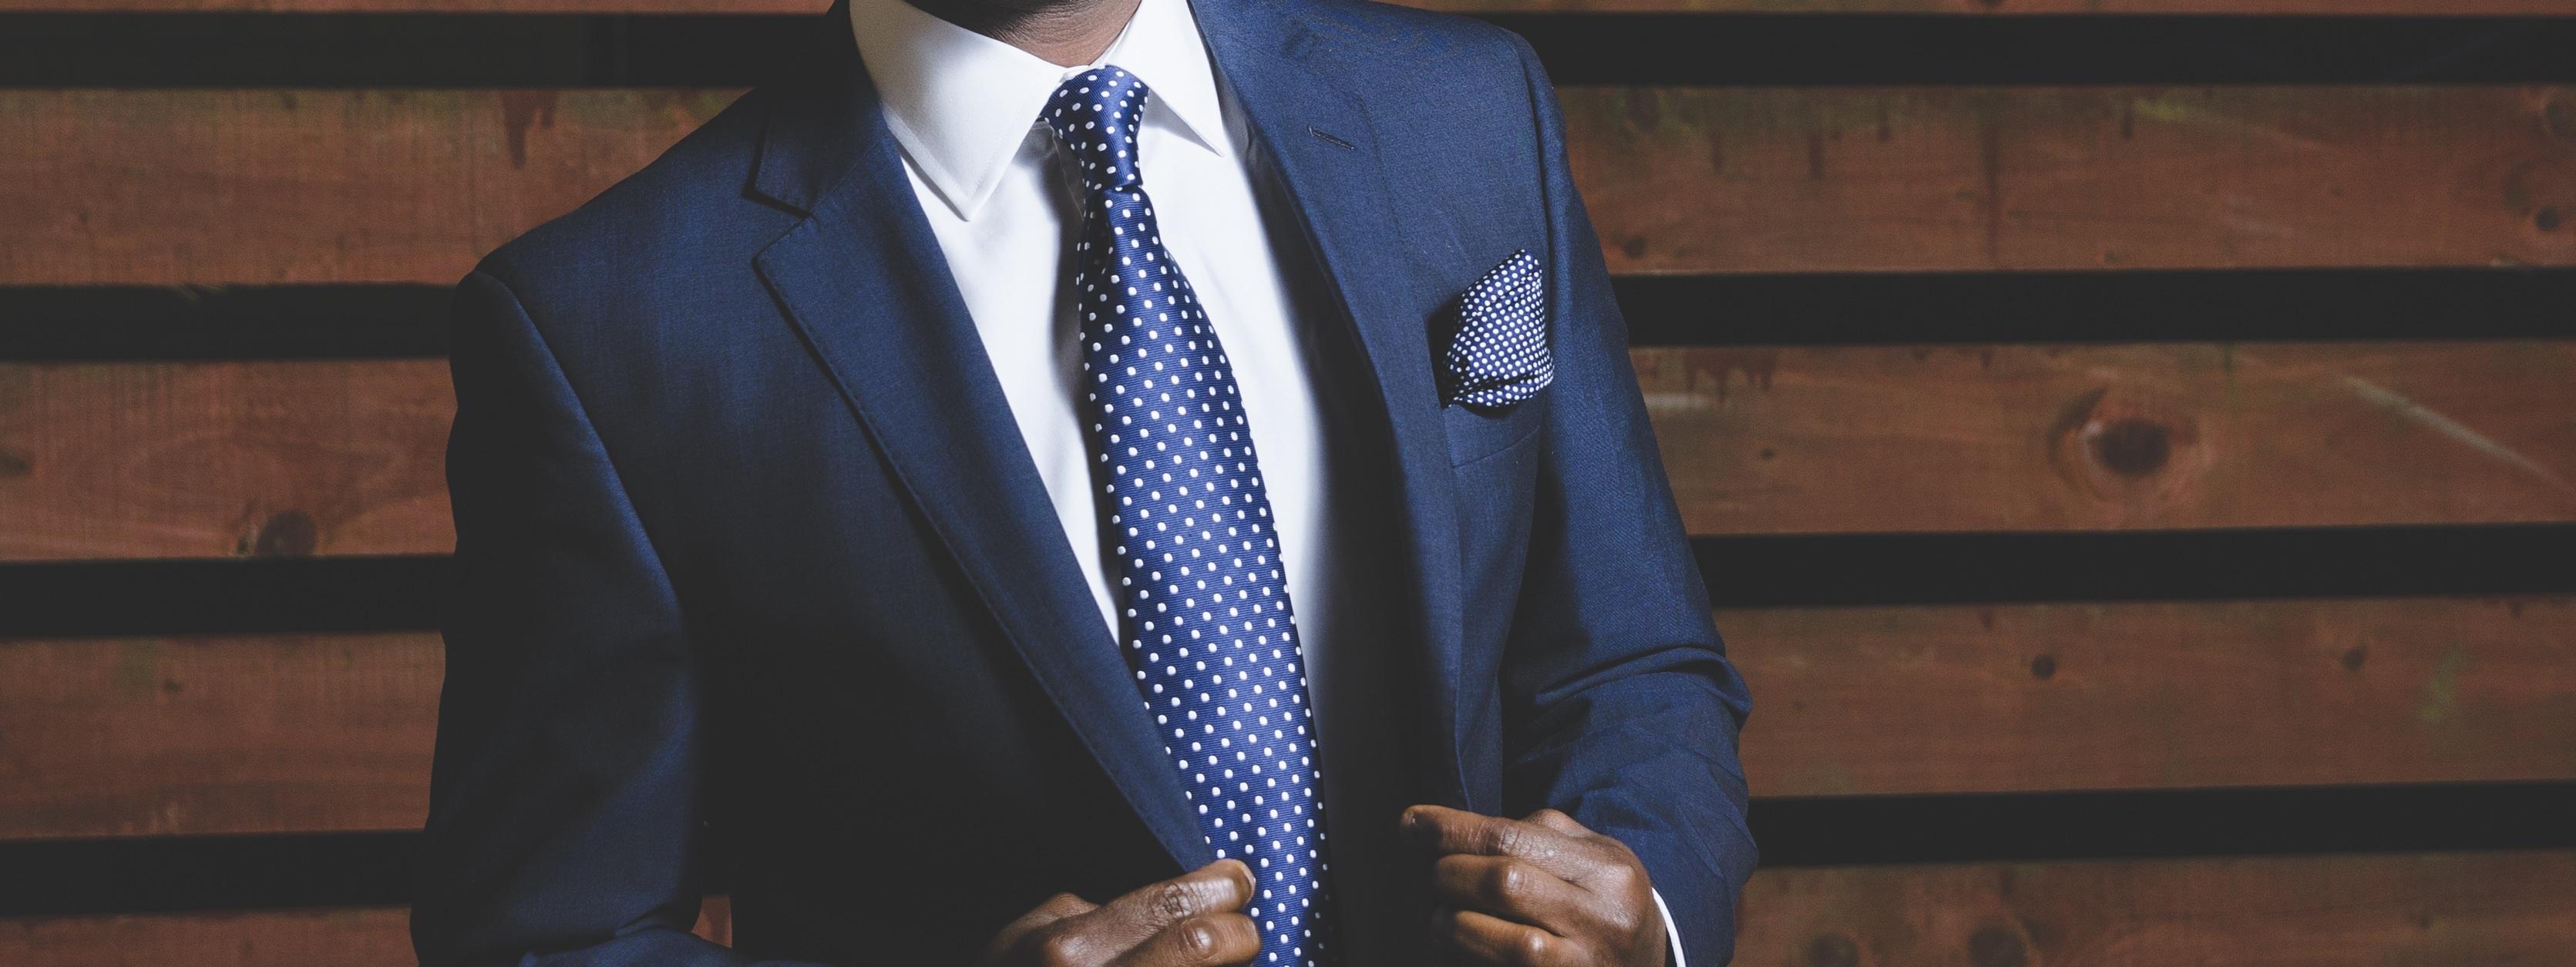 business-suit-690048